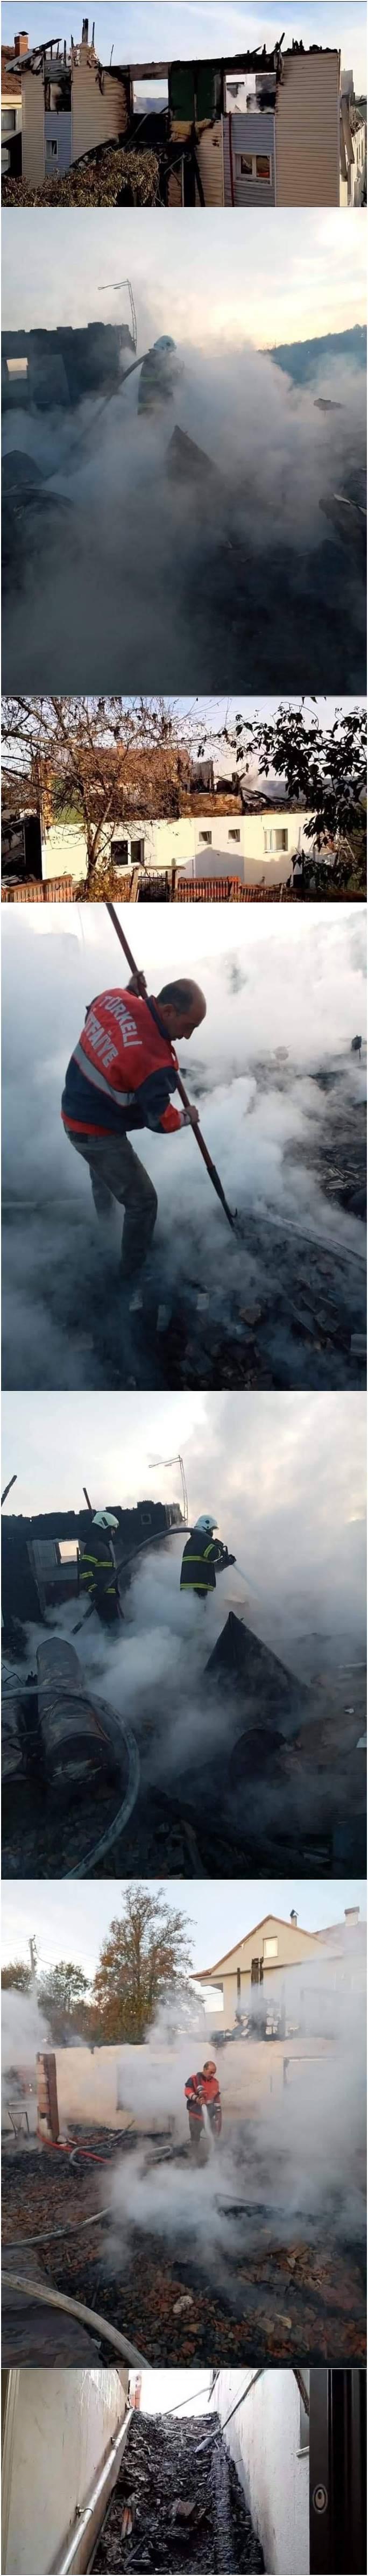 Türkeli İlçesi Akcabük Köyü Yukarı Marbel Mahallesi nde Mehmet AYHAN a ait evde gece 04.20 sıralarında yangın meydana geldi.